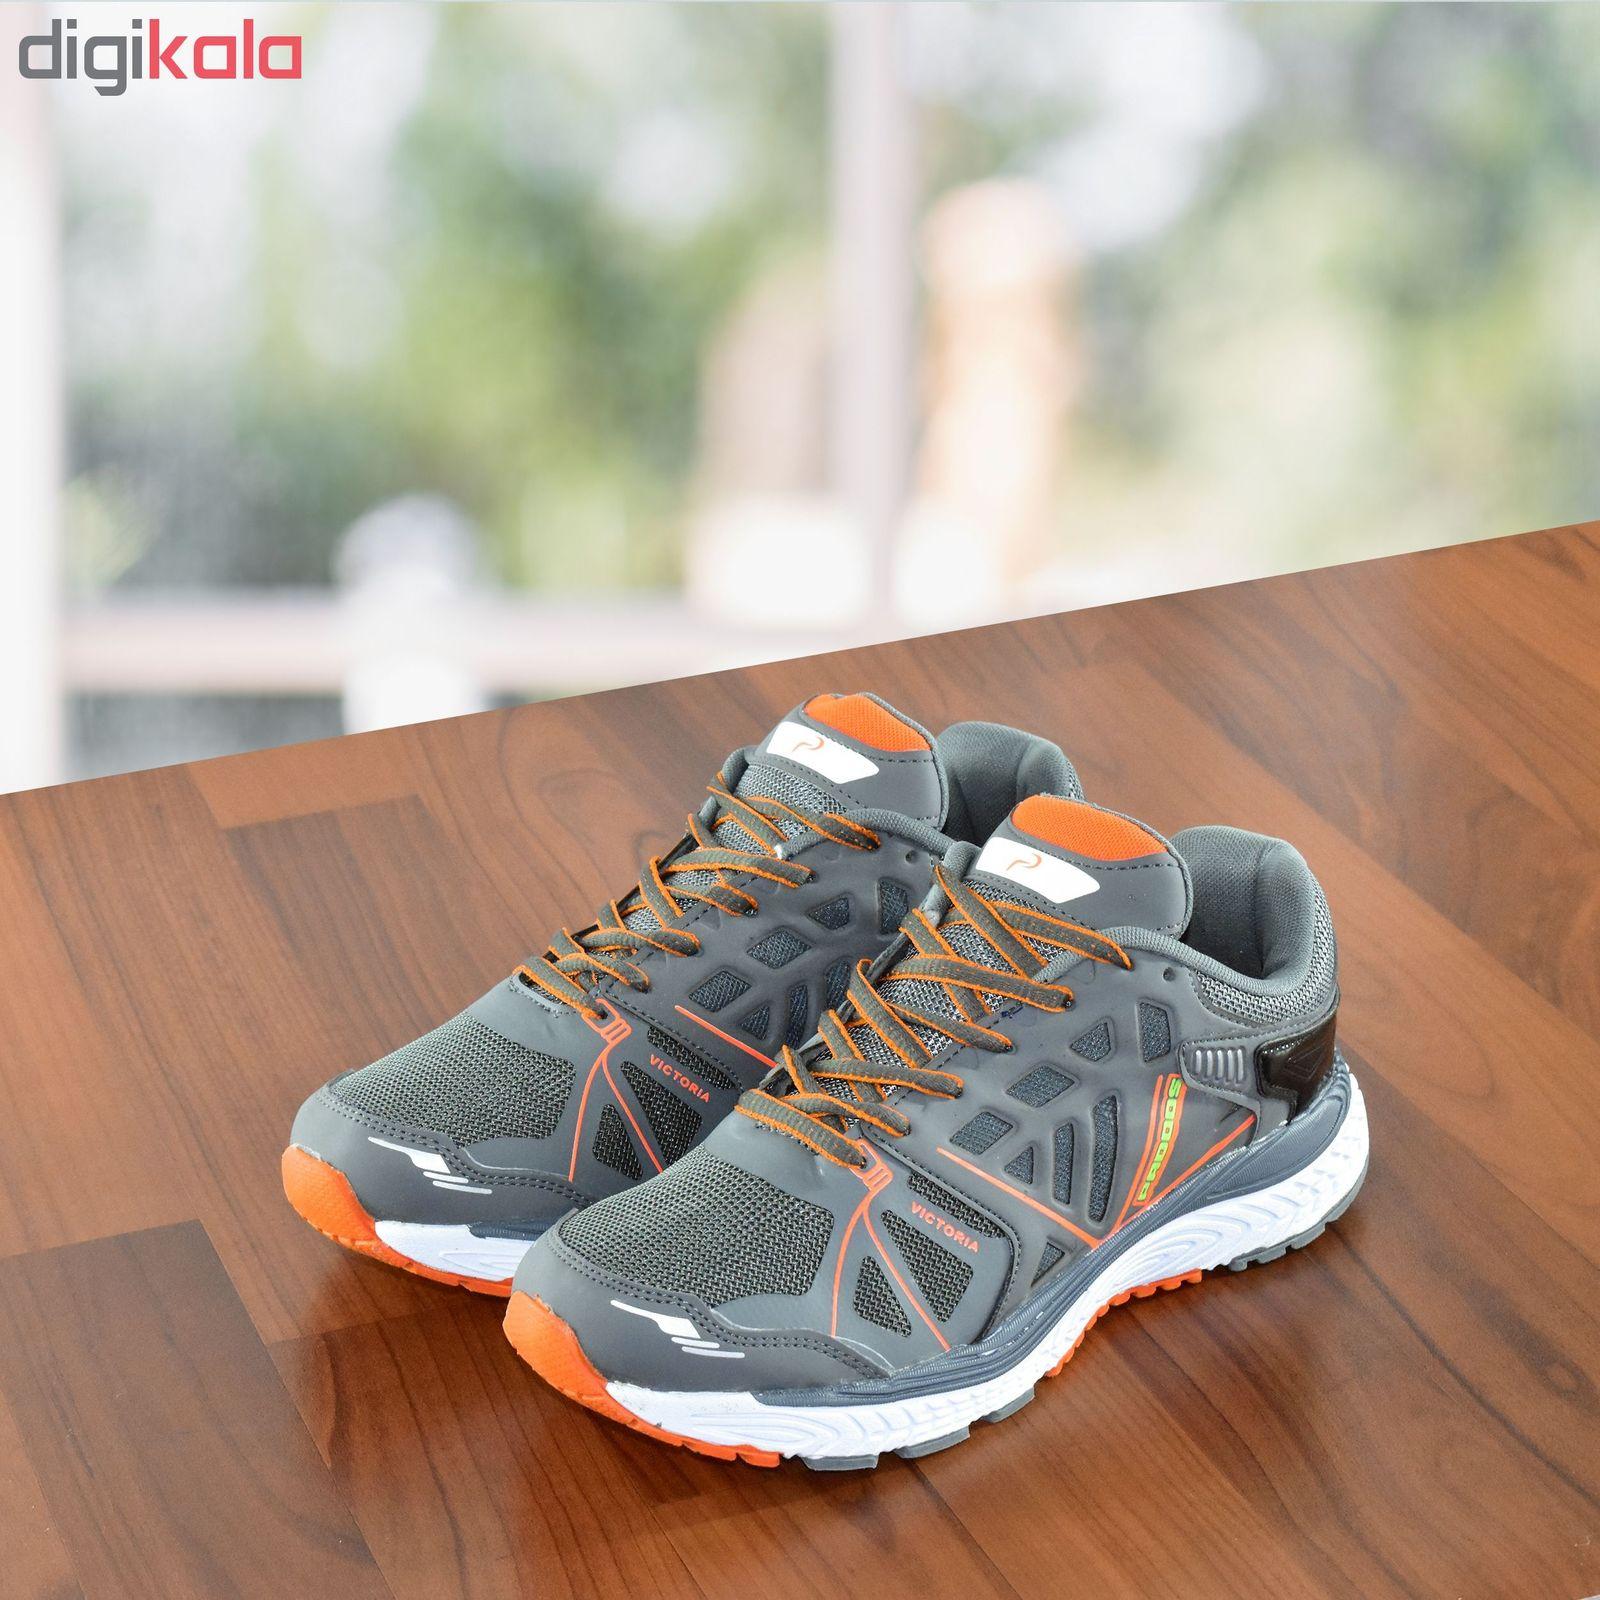 کفش مخصوص پیاده روی مردانه پادوس مدل لوییس کد 4788 main 1 8